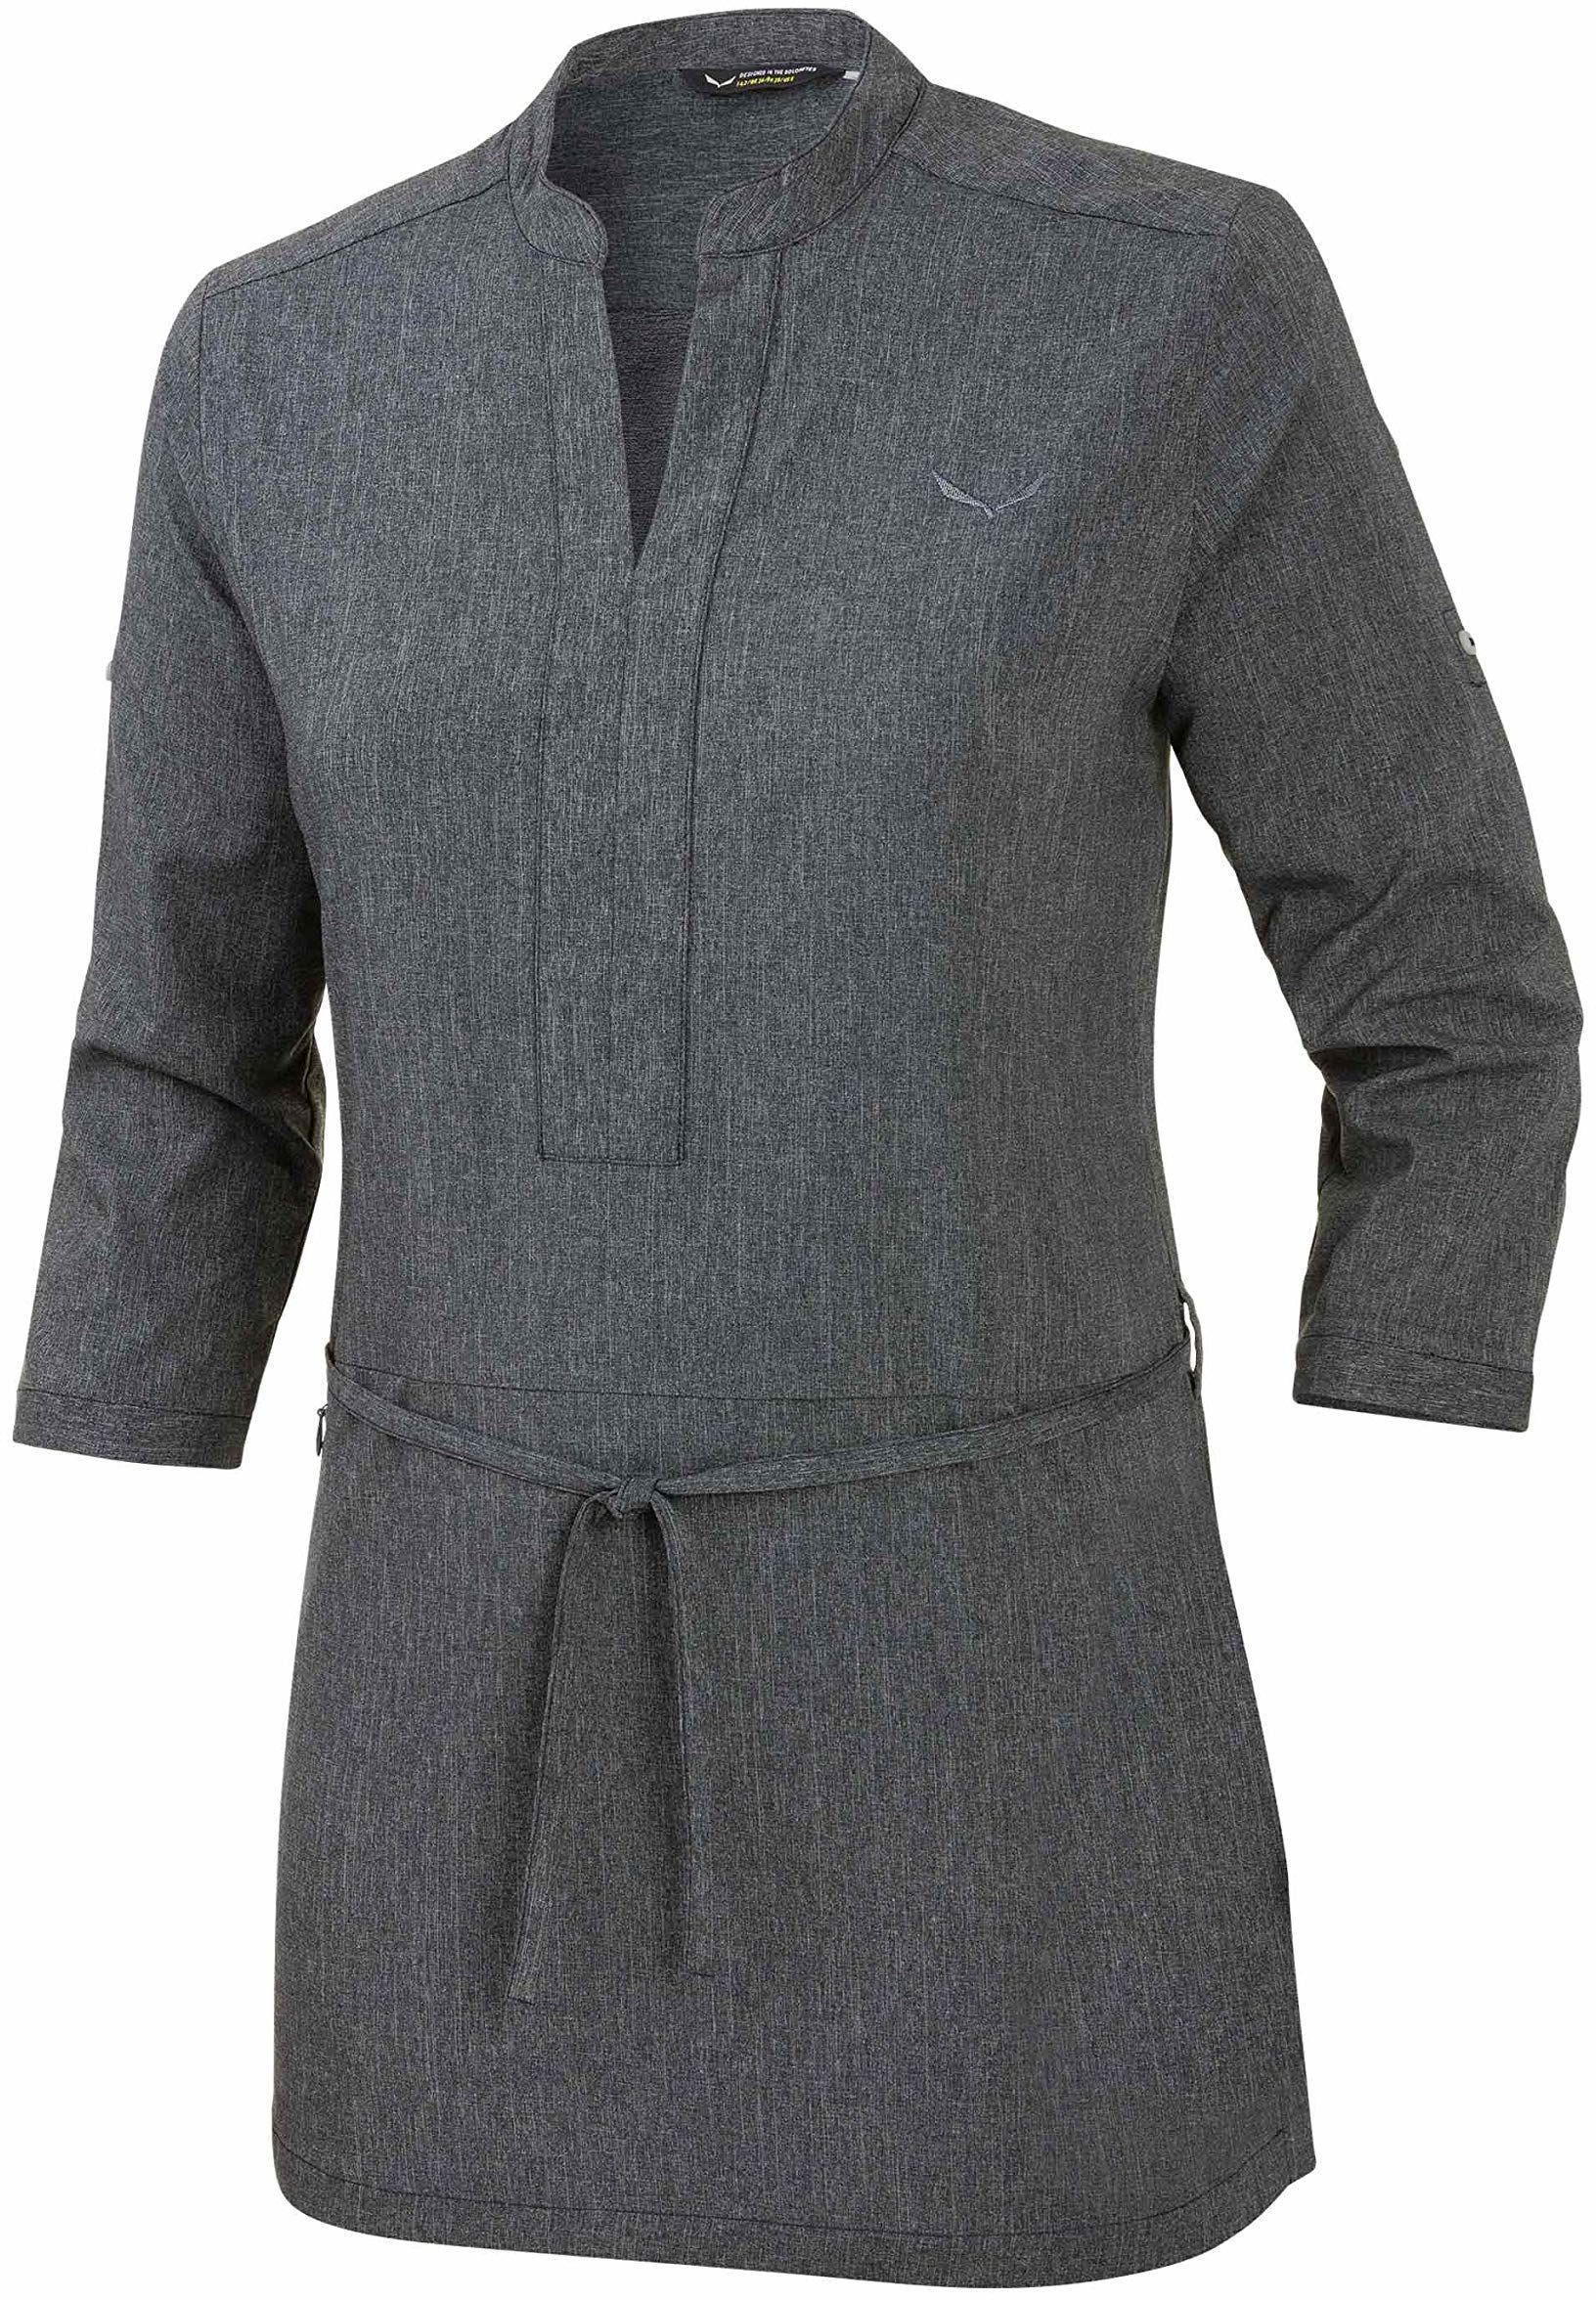 Salewa damska sukienka dla fanów Dst S/S koszula sukienki, dla kobiet, sukienka dla fanów Dst S/S koszula Kleider, ciemnoszara melanż